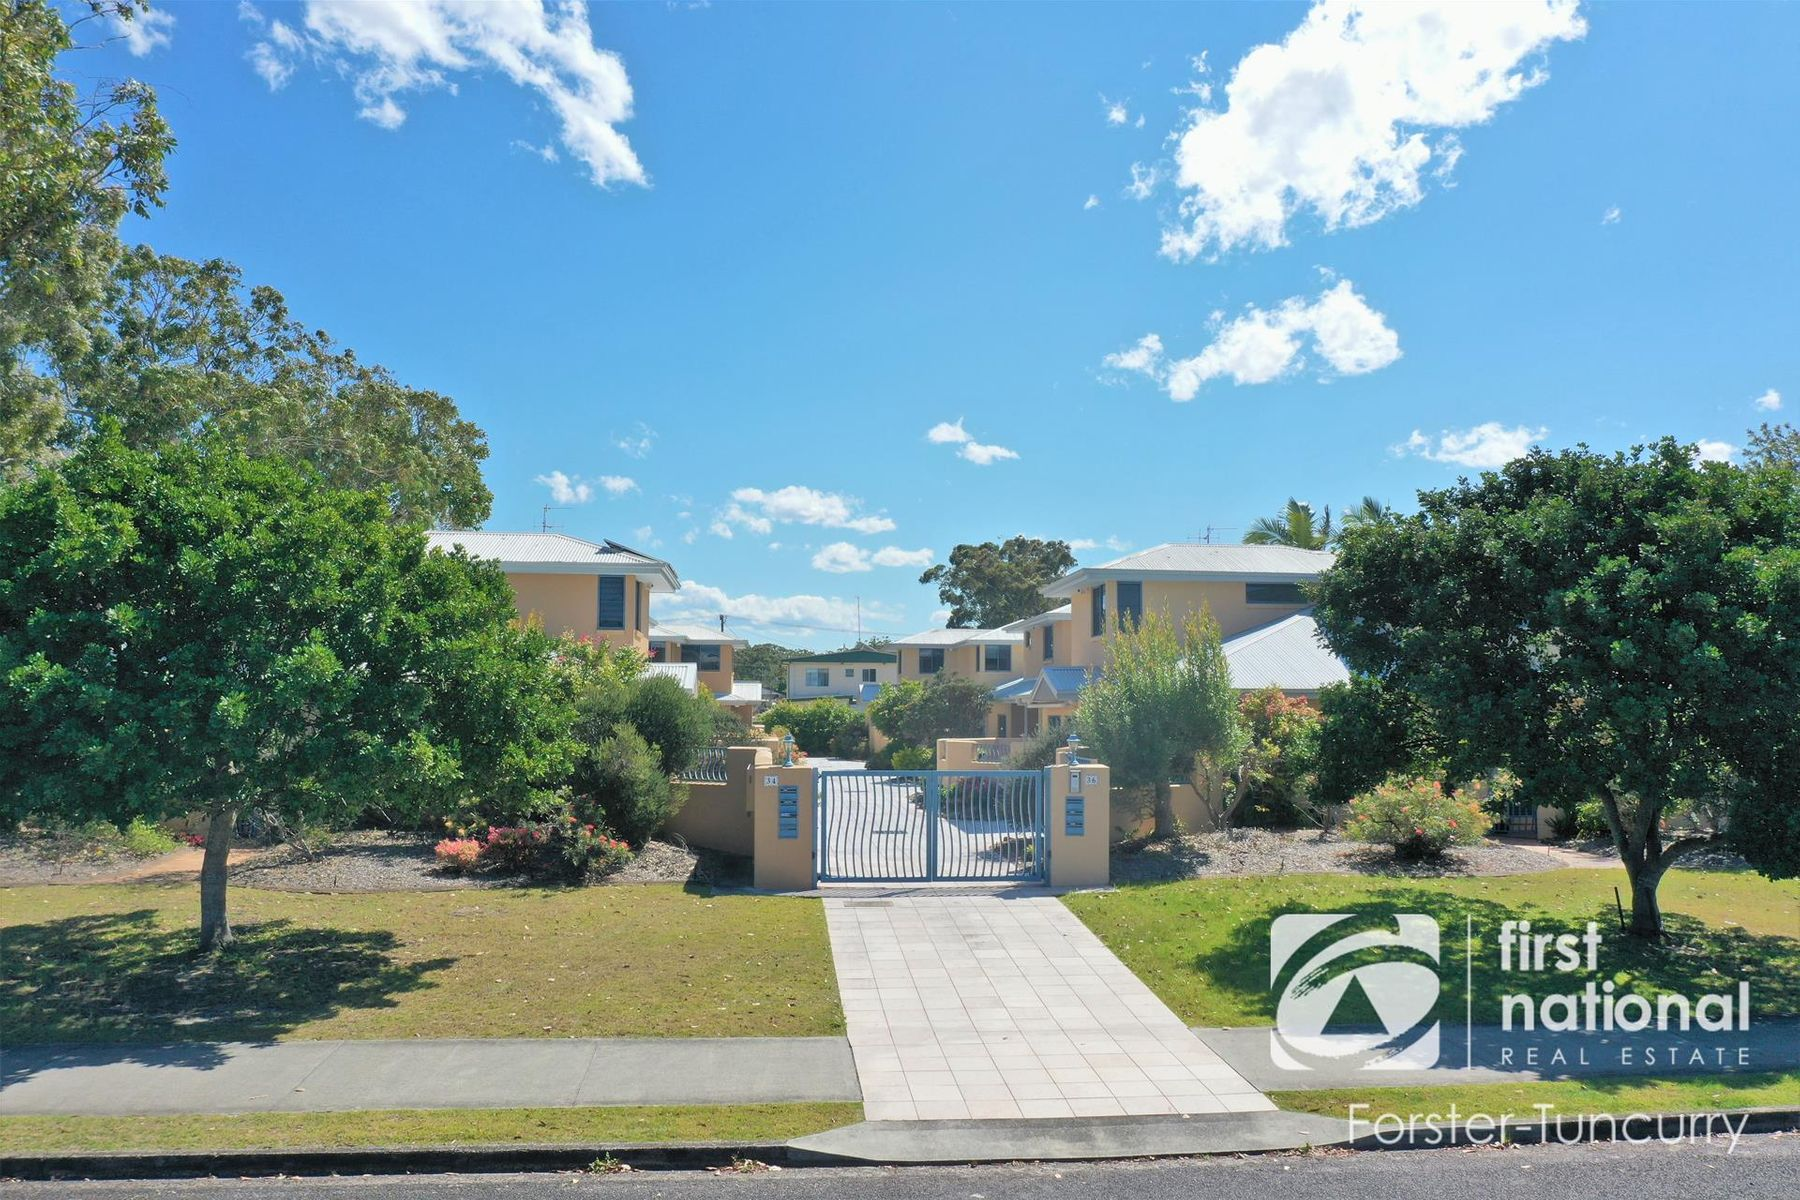 4/34-36 Tuncurry Street, Tuncurry, NSW 2428